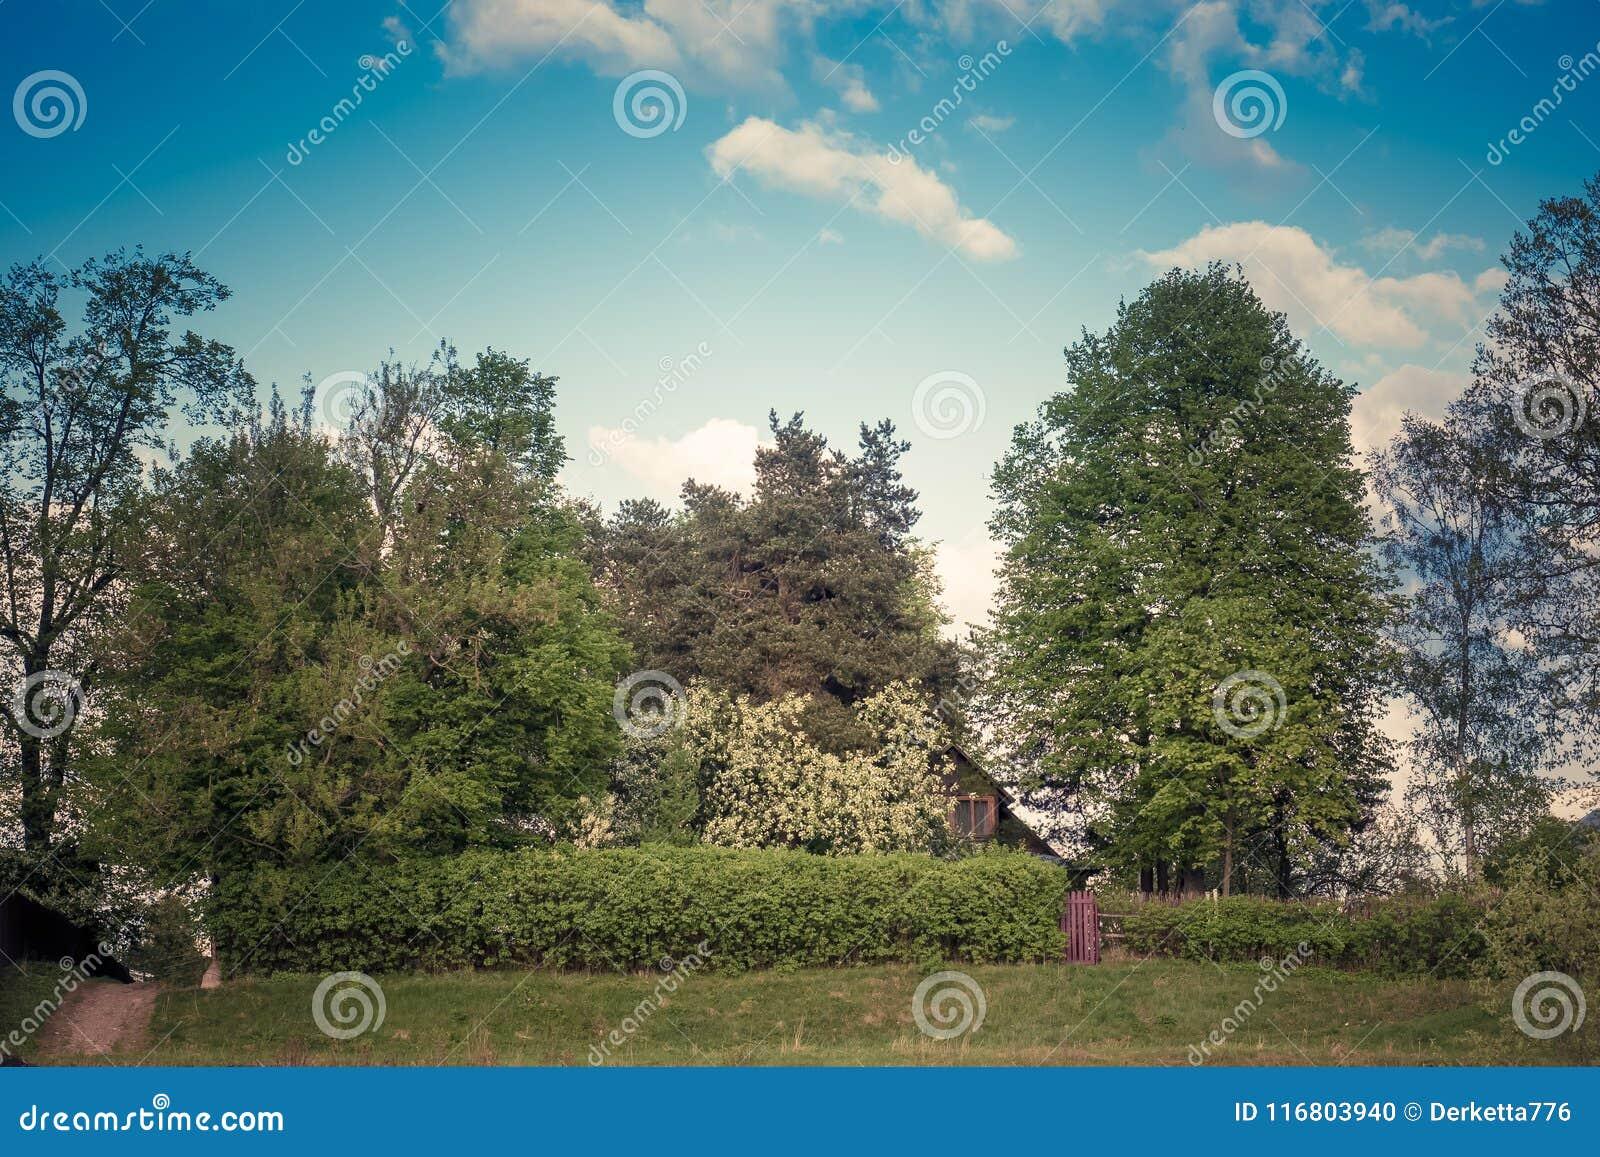 Paesaggio di estate con gli alberi, il recinto vivente, la parte di una casa di legno ed il portone tonalità